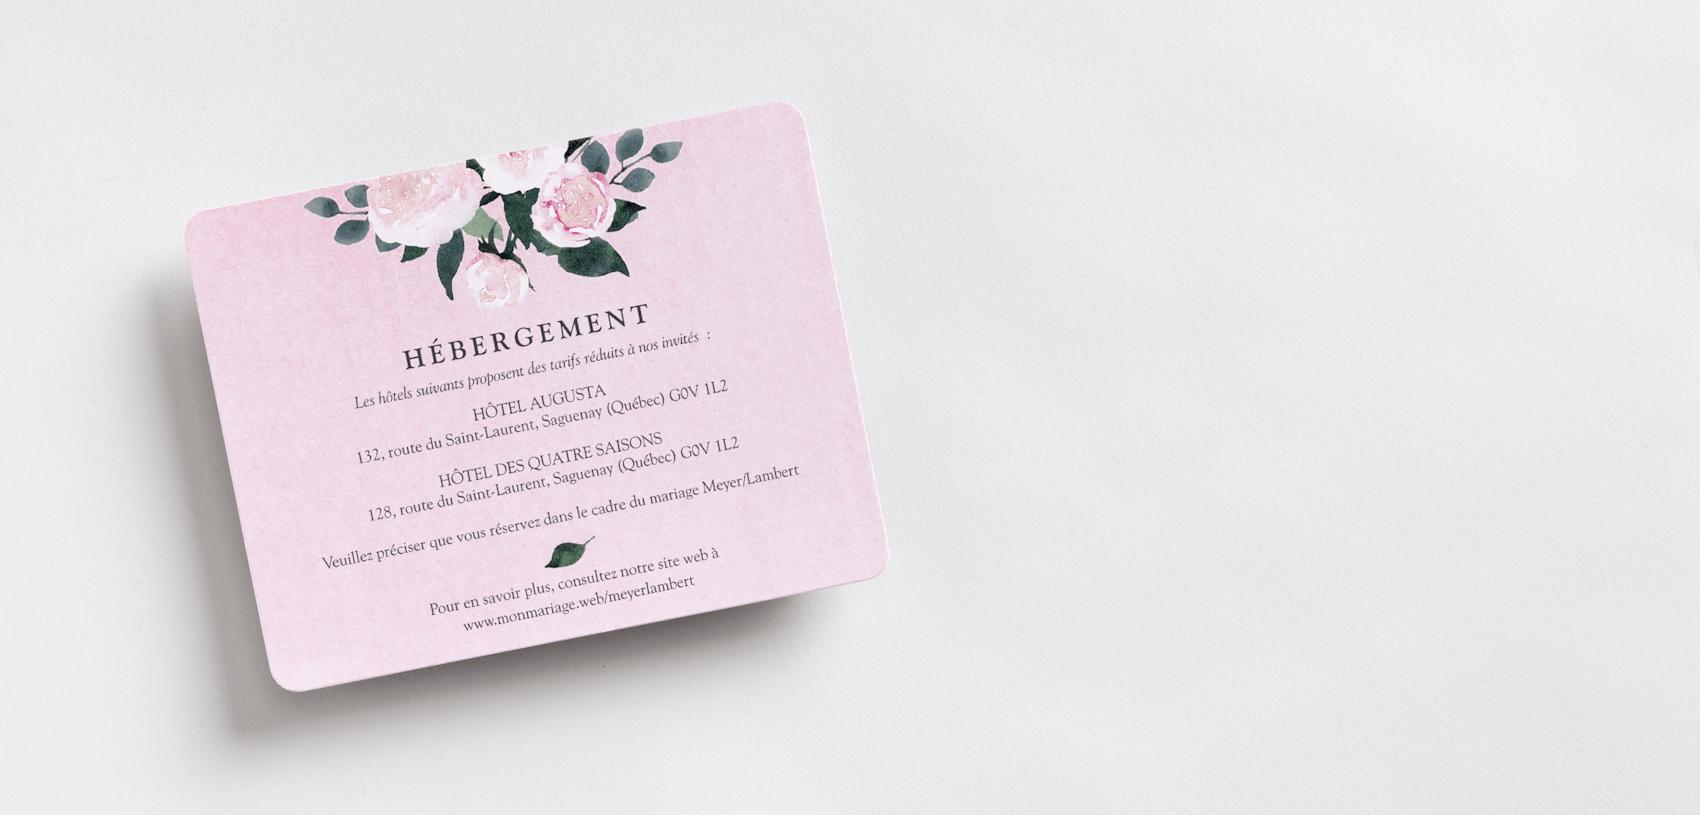 cartons d'accompagnement de faire-part de mariage avec thème floral rose